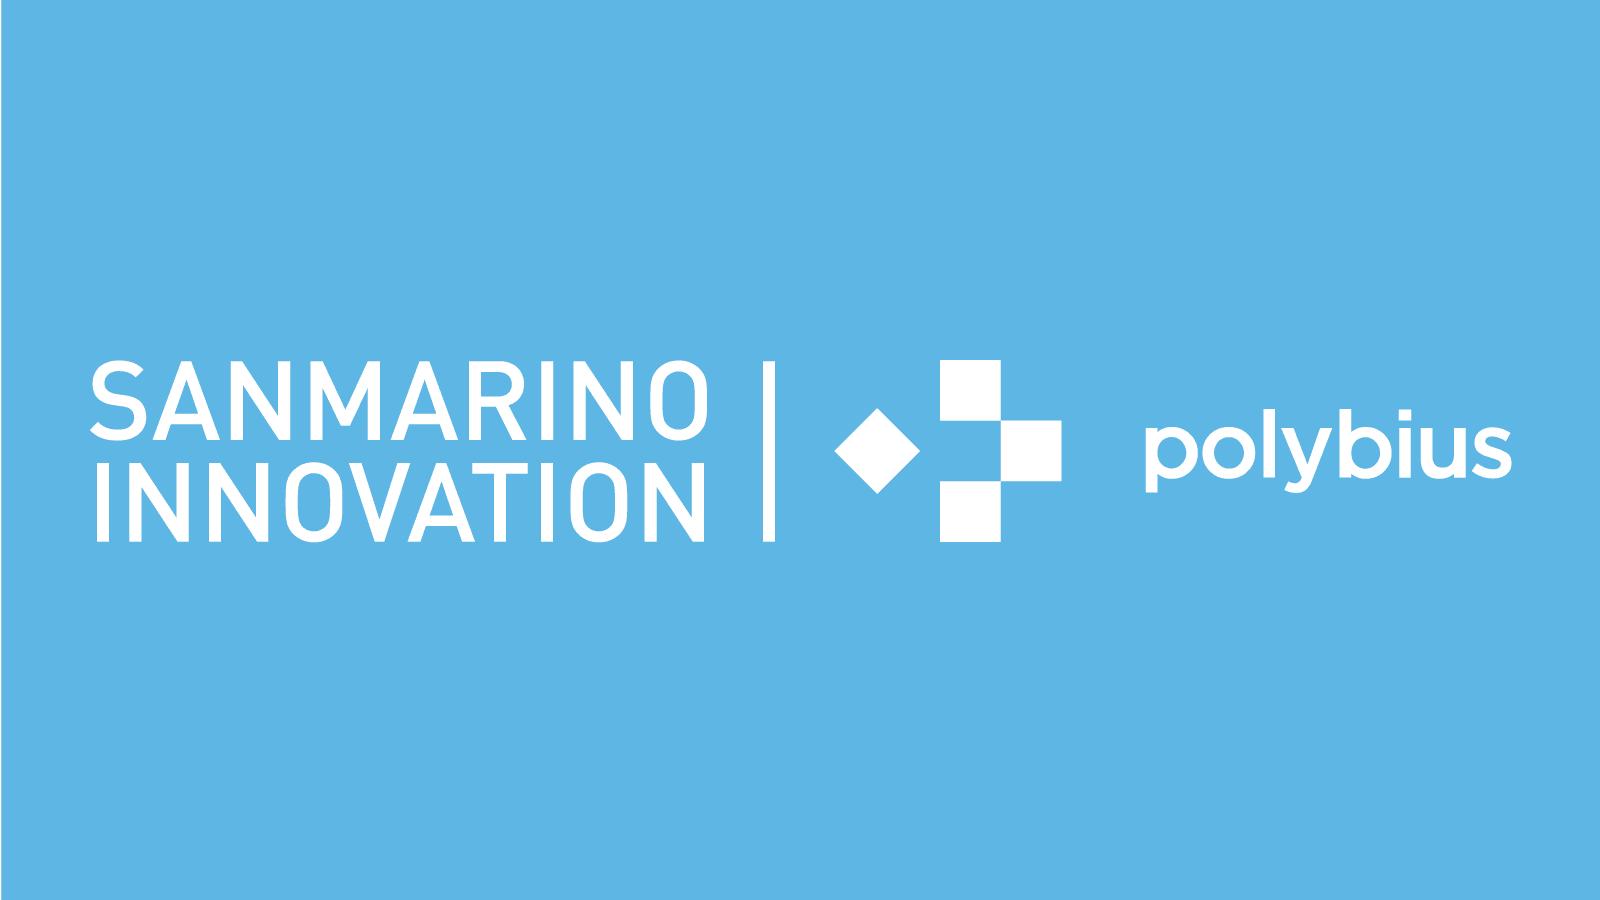 si-polybius-1600.png